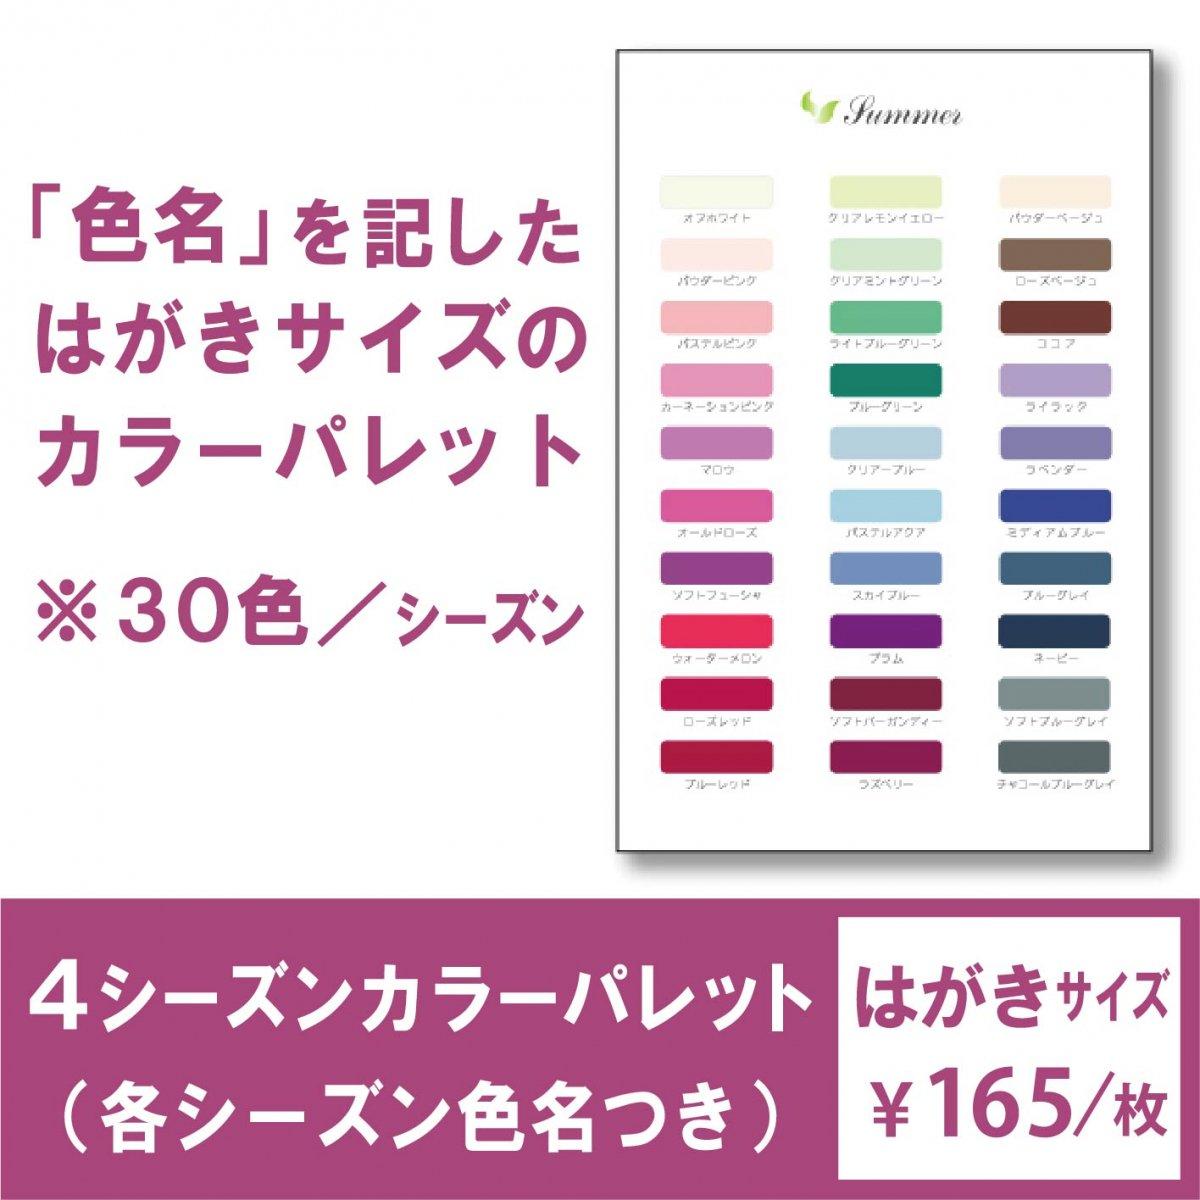 パーソナルカラーお渡しツール・4seasonカラーパレットはがき版【シーズン別単品】